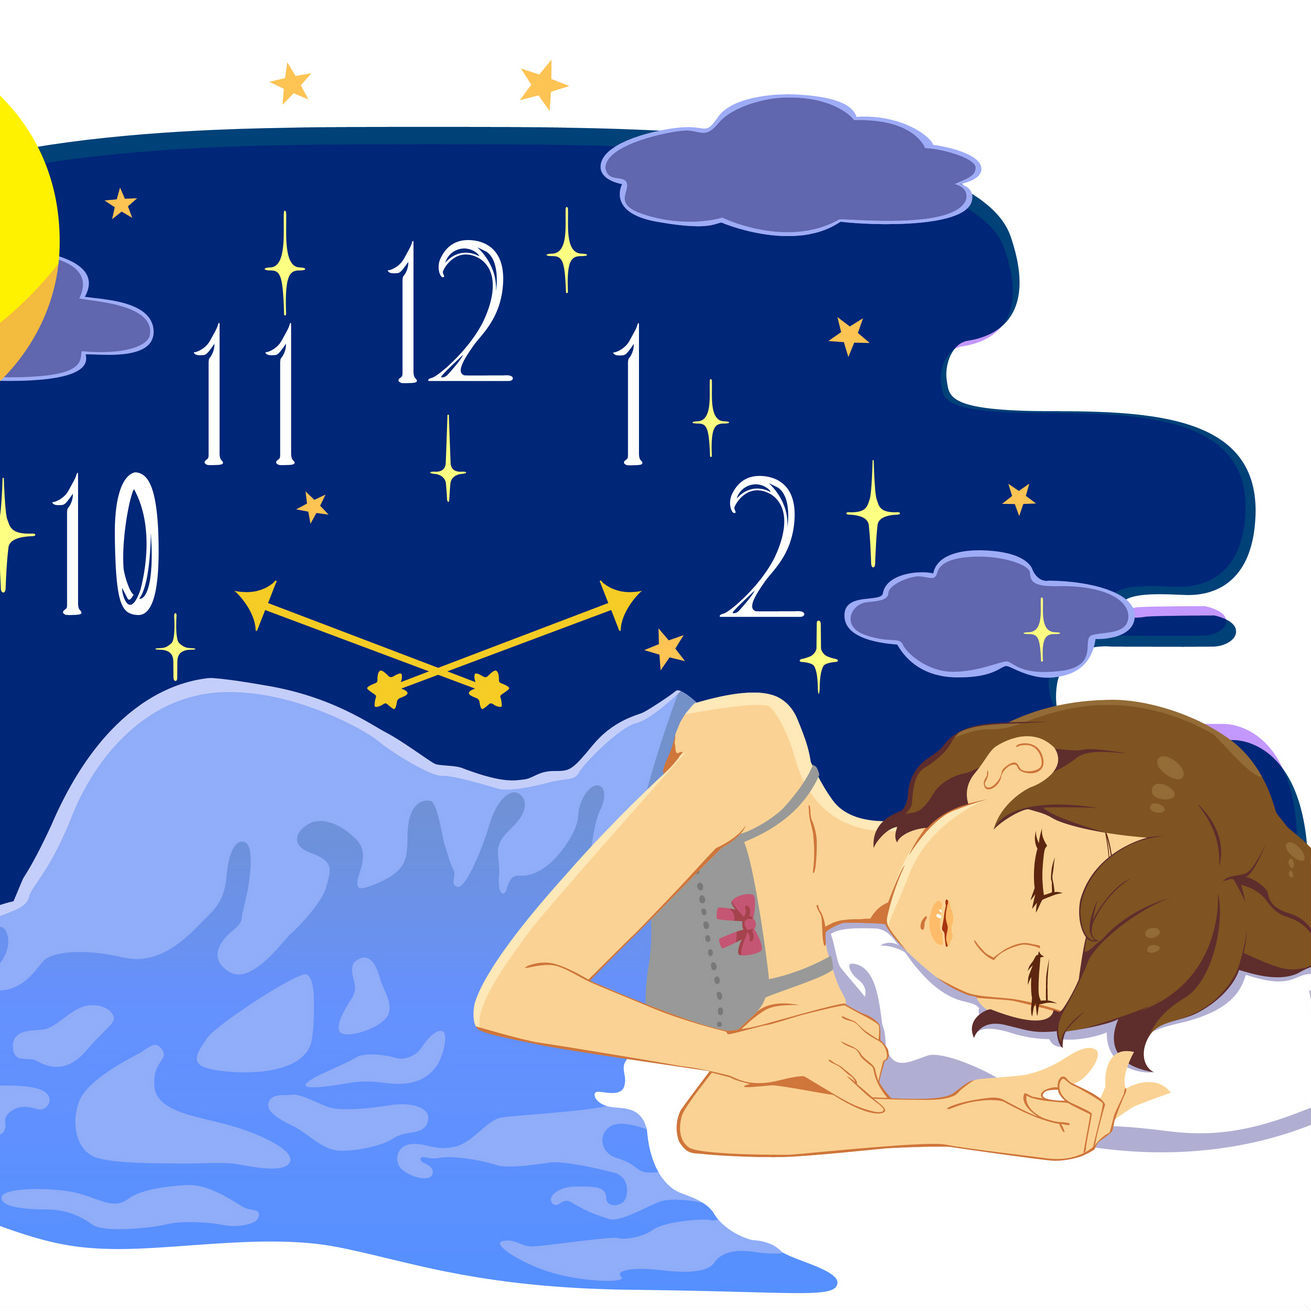 〈絶対疲れが取れる眠り方 Q&A〉「90分の倍数で眠ると目覚めがよい」ってホント?